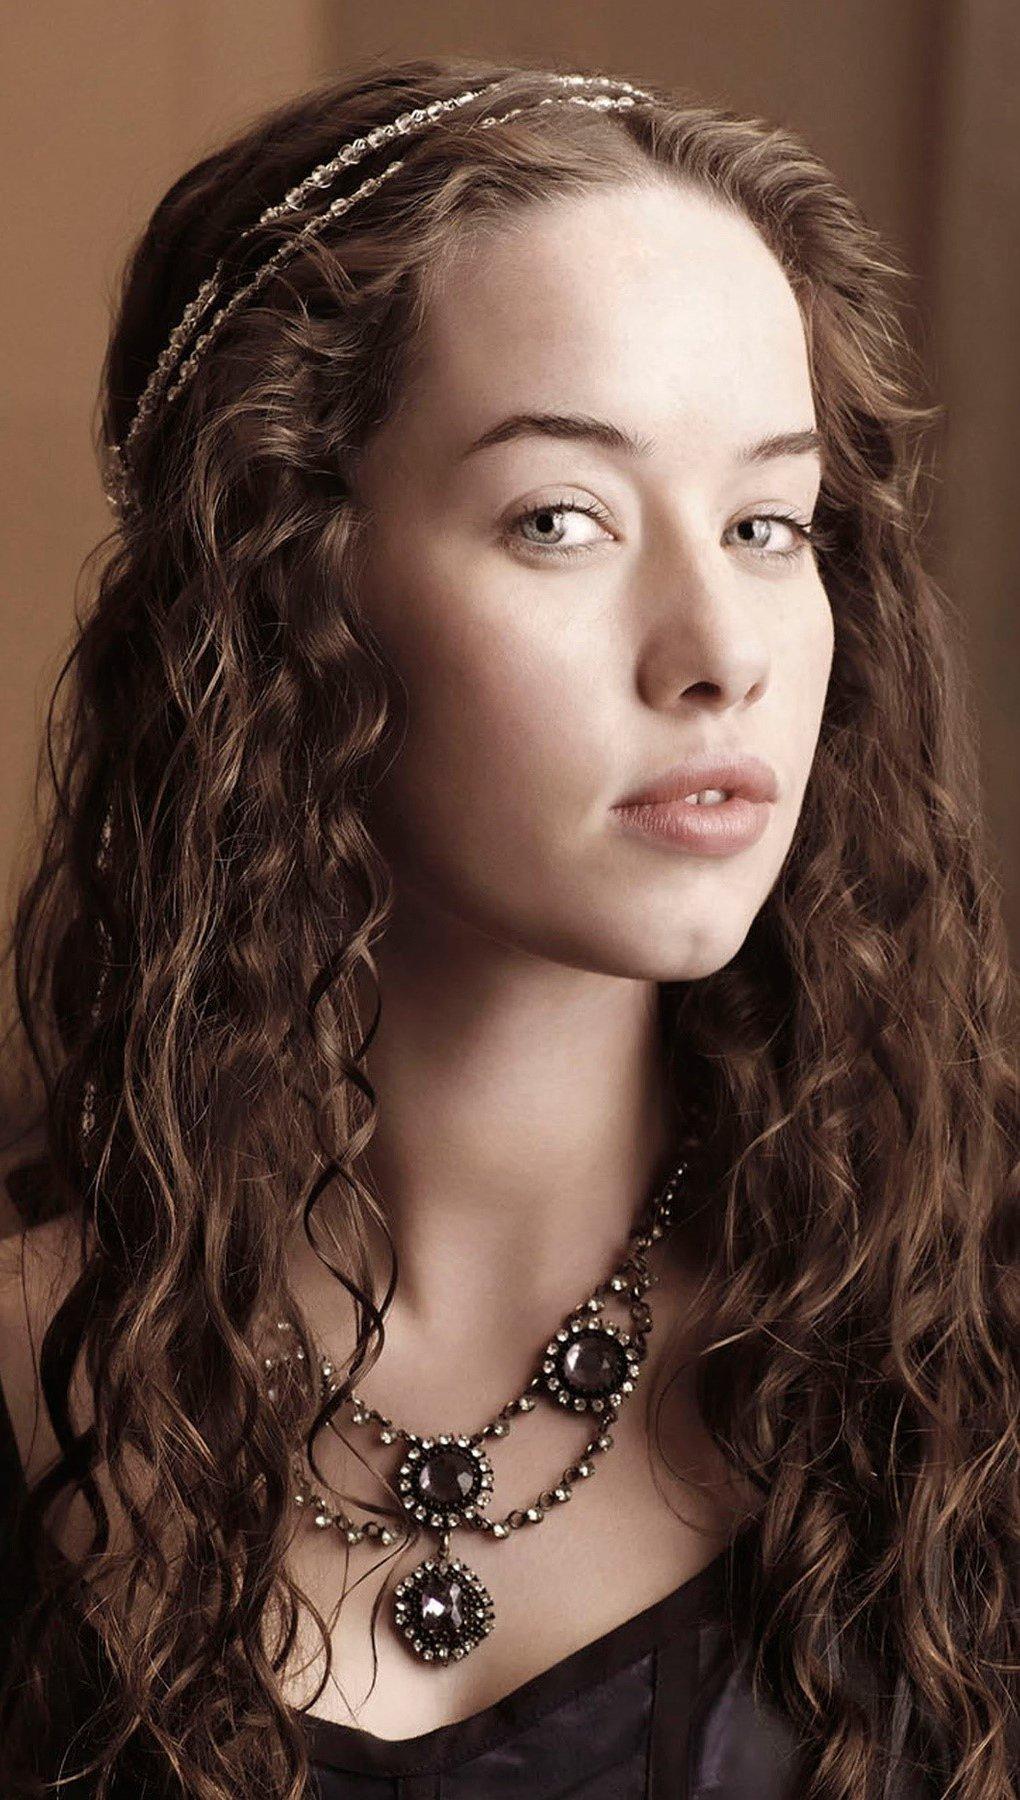 Fondos de pantalla Anna Popplewell como Lola Vertical